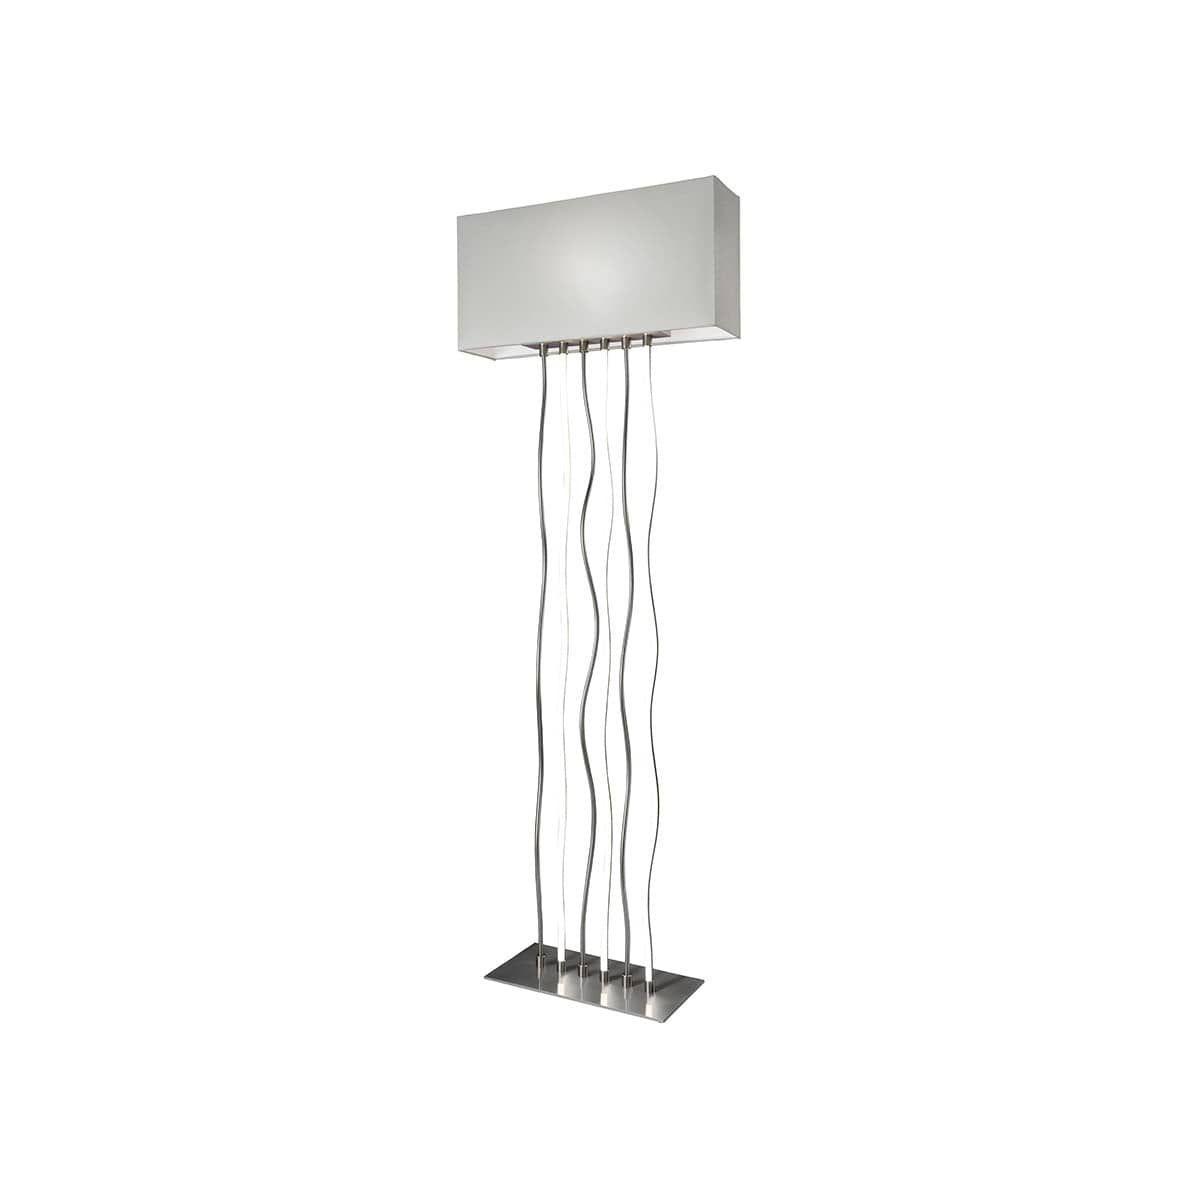 Stehlampe Grau Holz